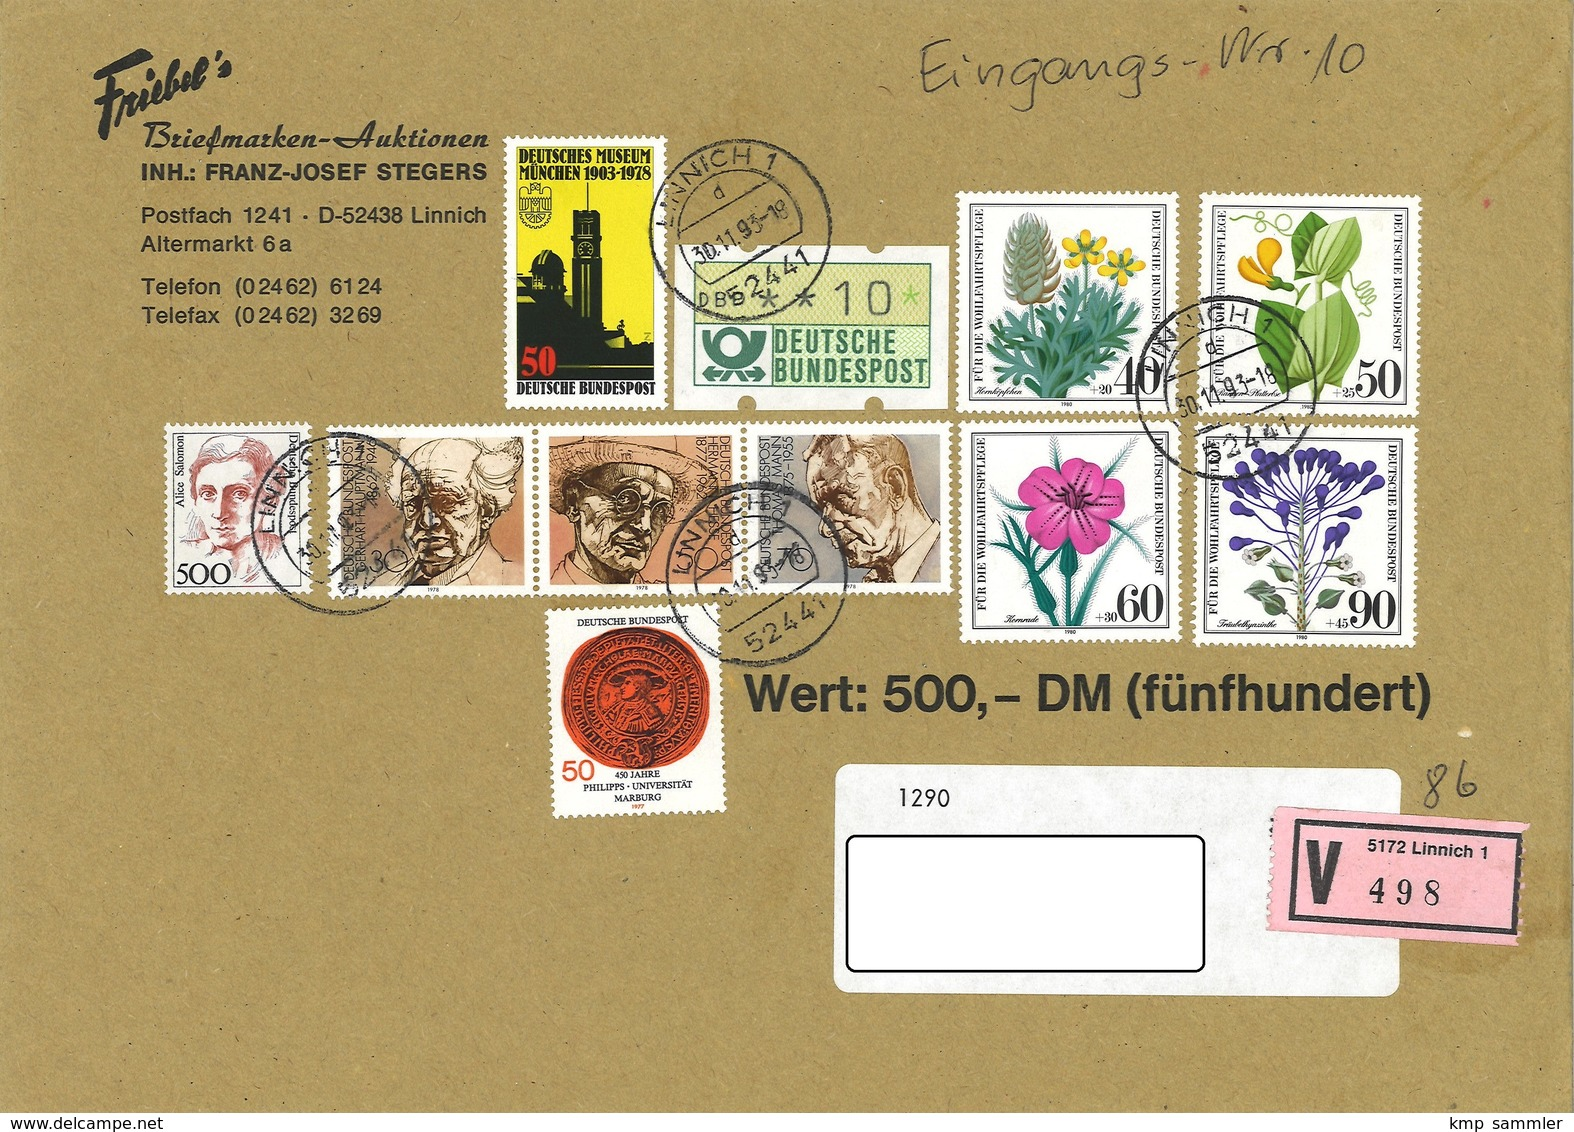 Bund Wertbrief Vom 30.11.1993 Linnich Nach Halberstadt - Storia Postale